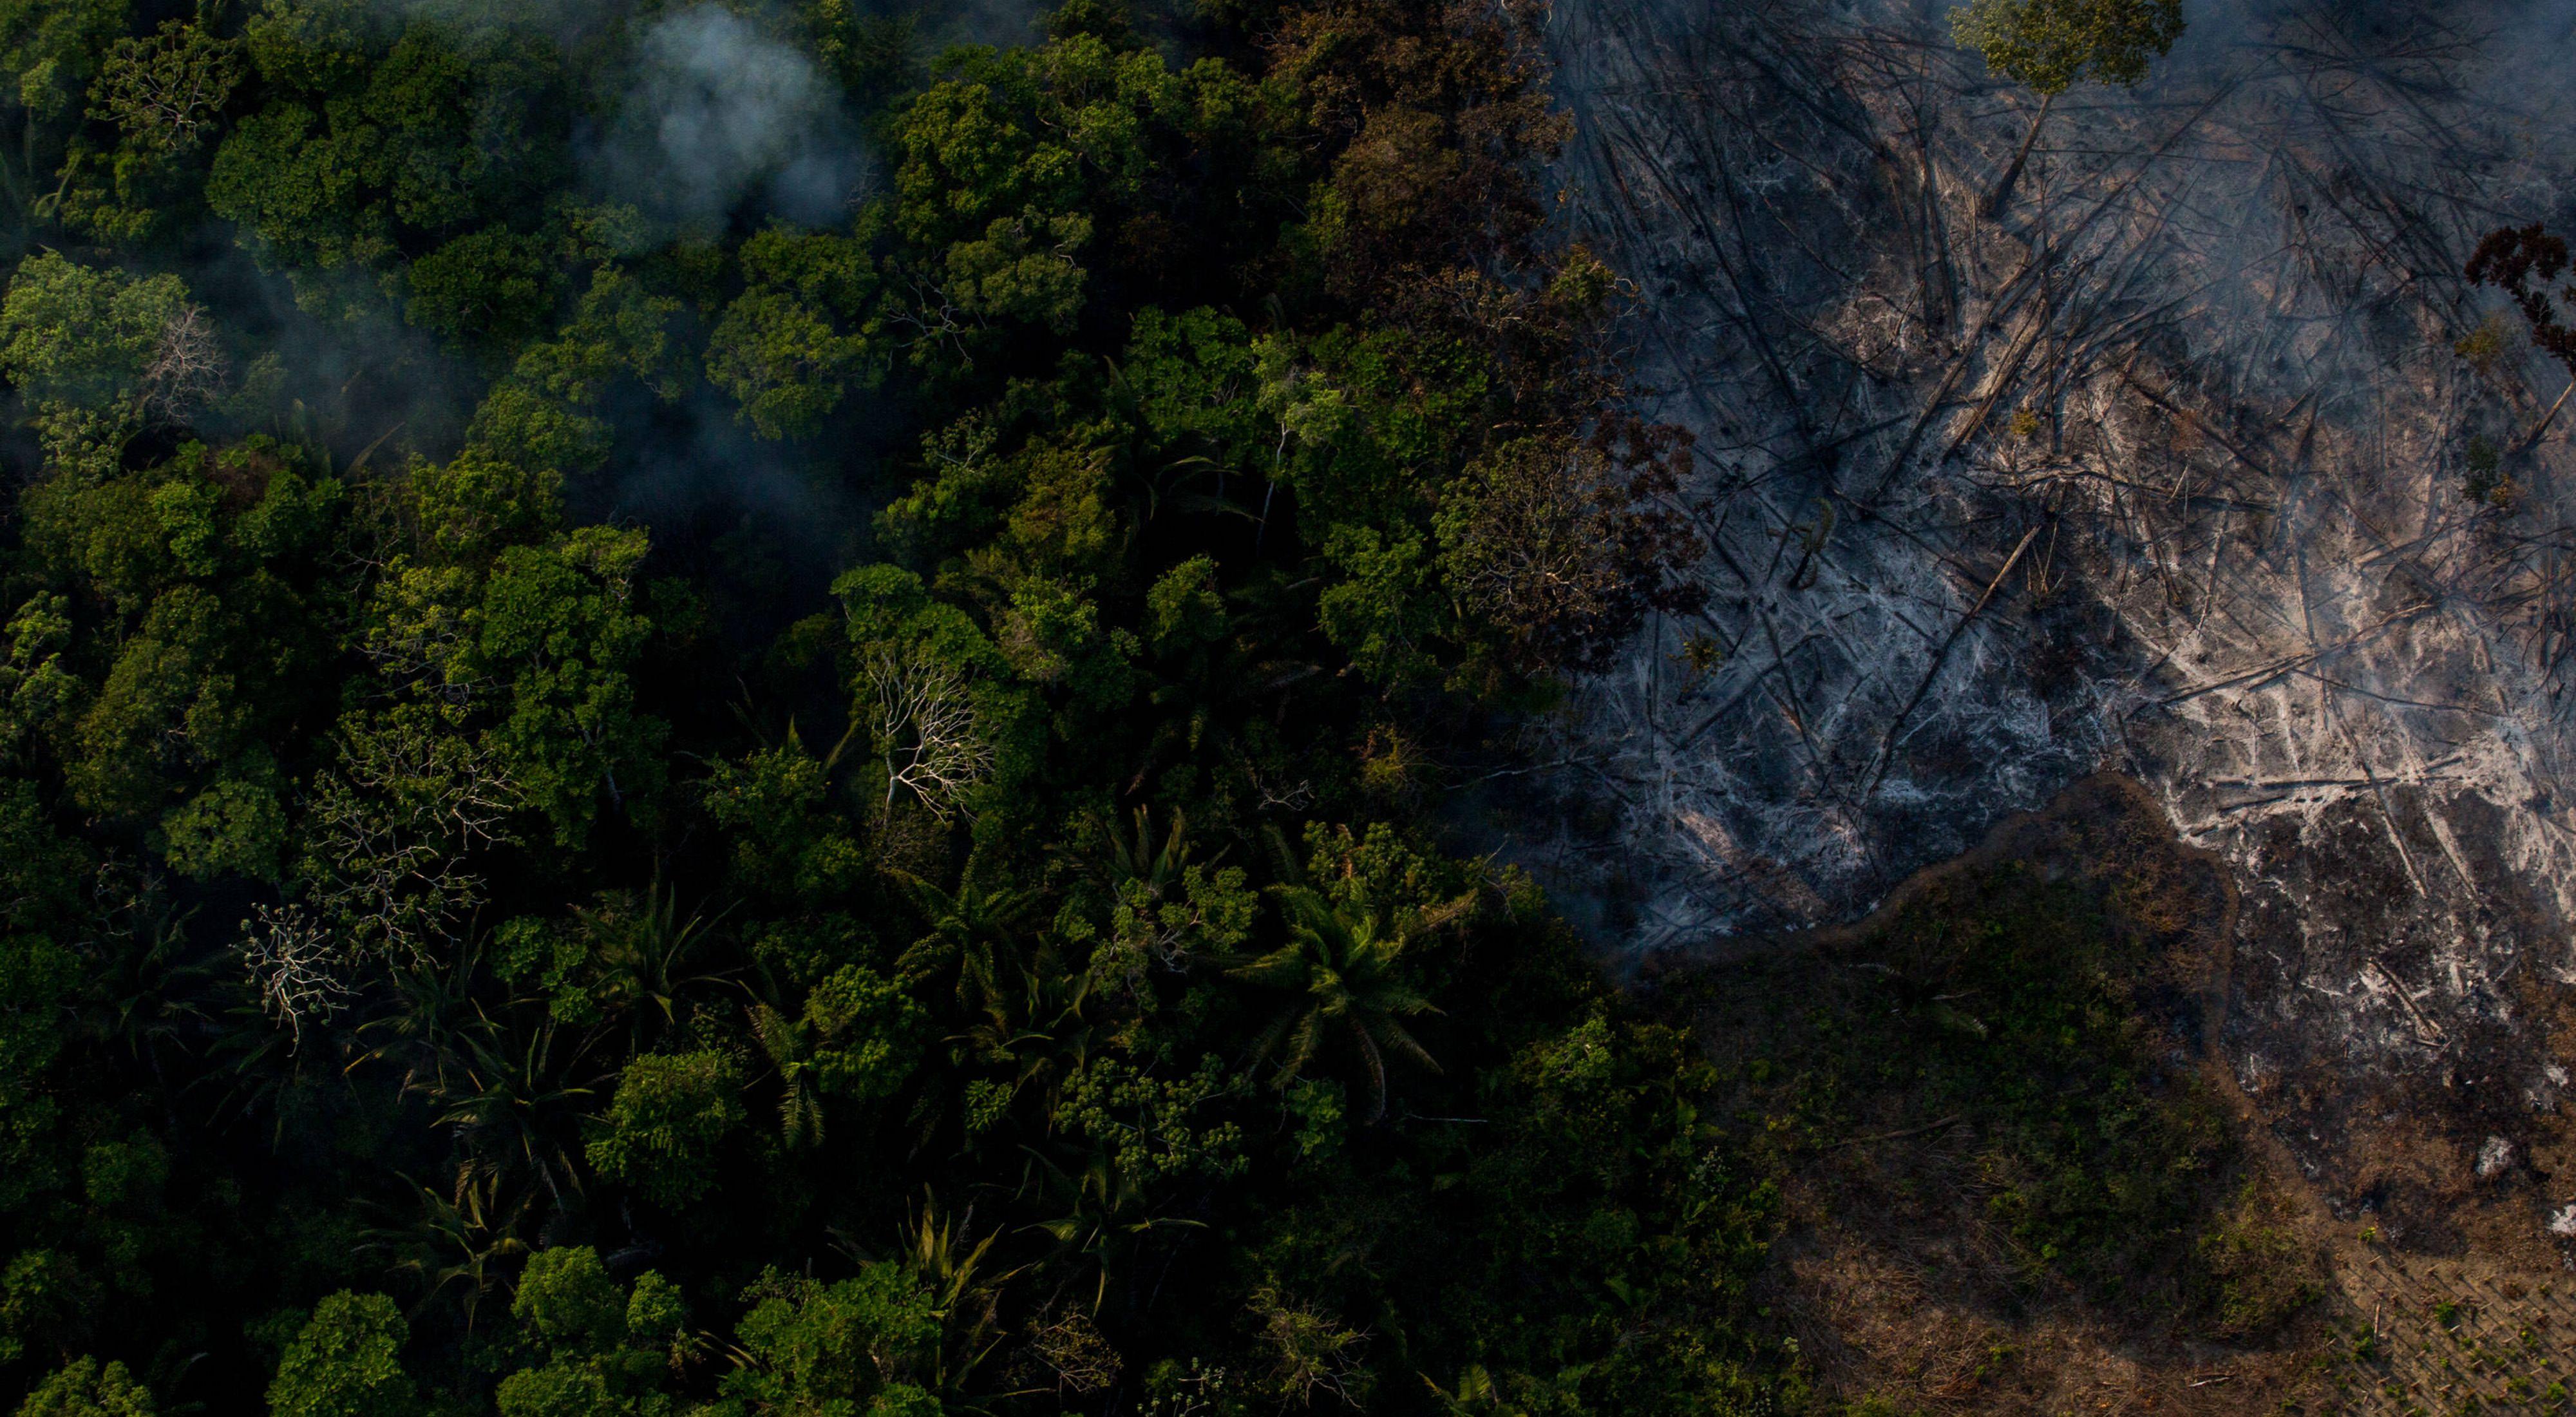 Incêndio florestal na Amazônia, próximo ao Rio Tapajós, no ano de 2017.